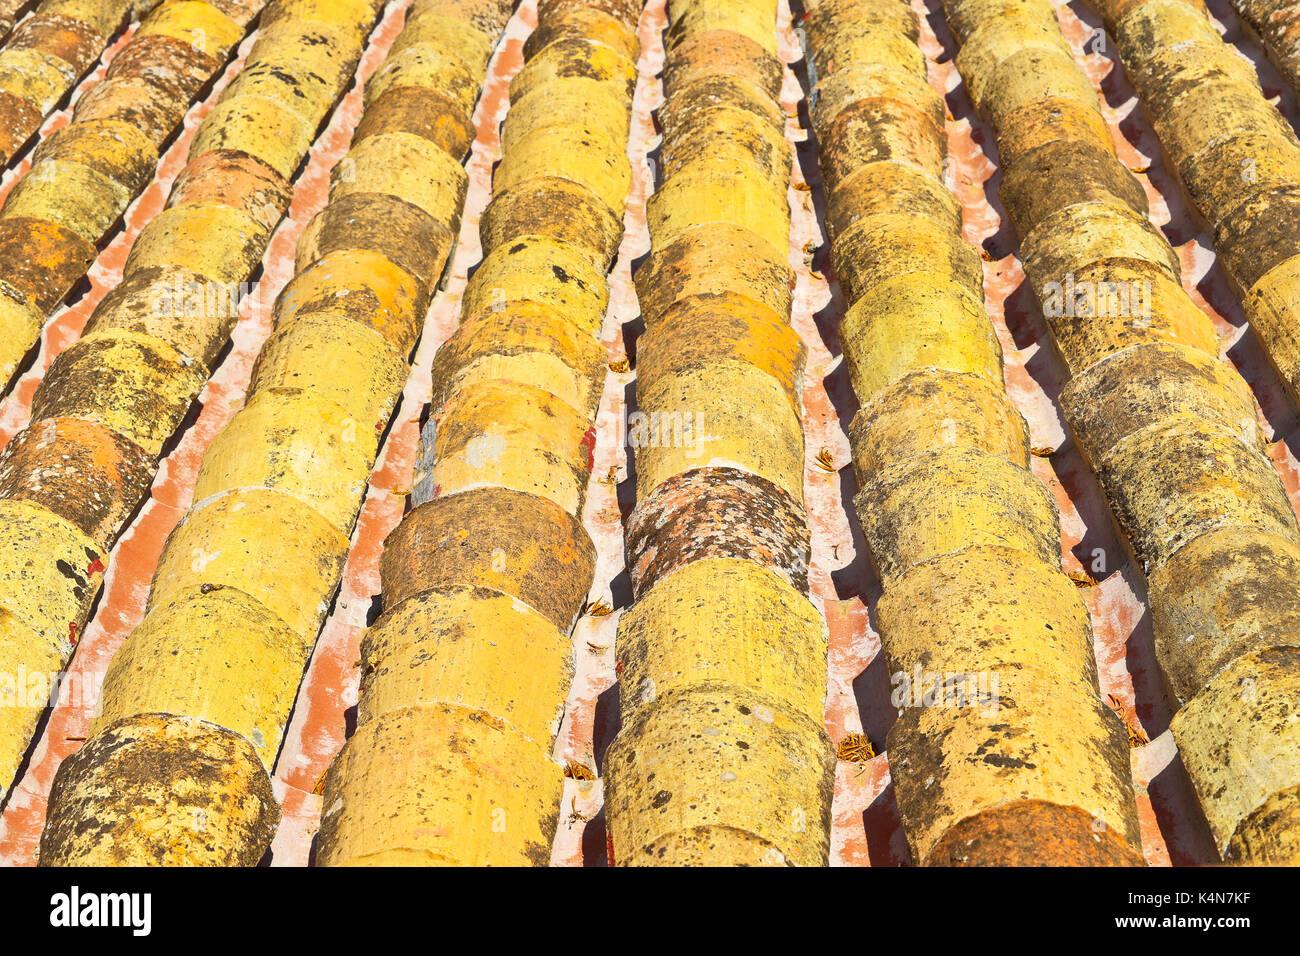 Un toit de tuiles sur le toit. Photo Stock